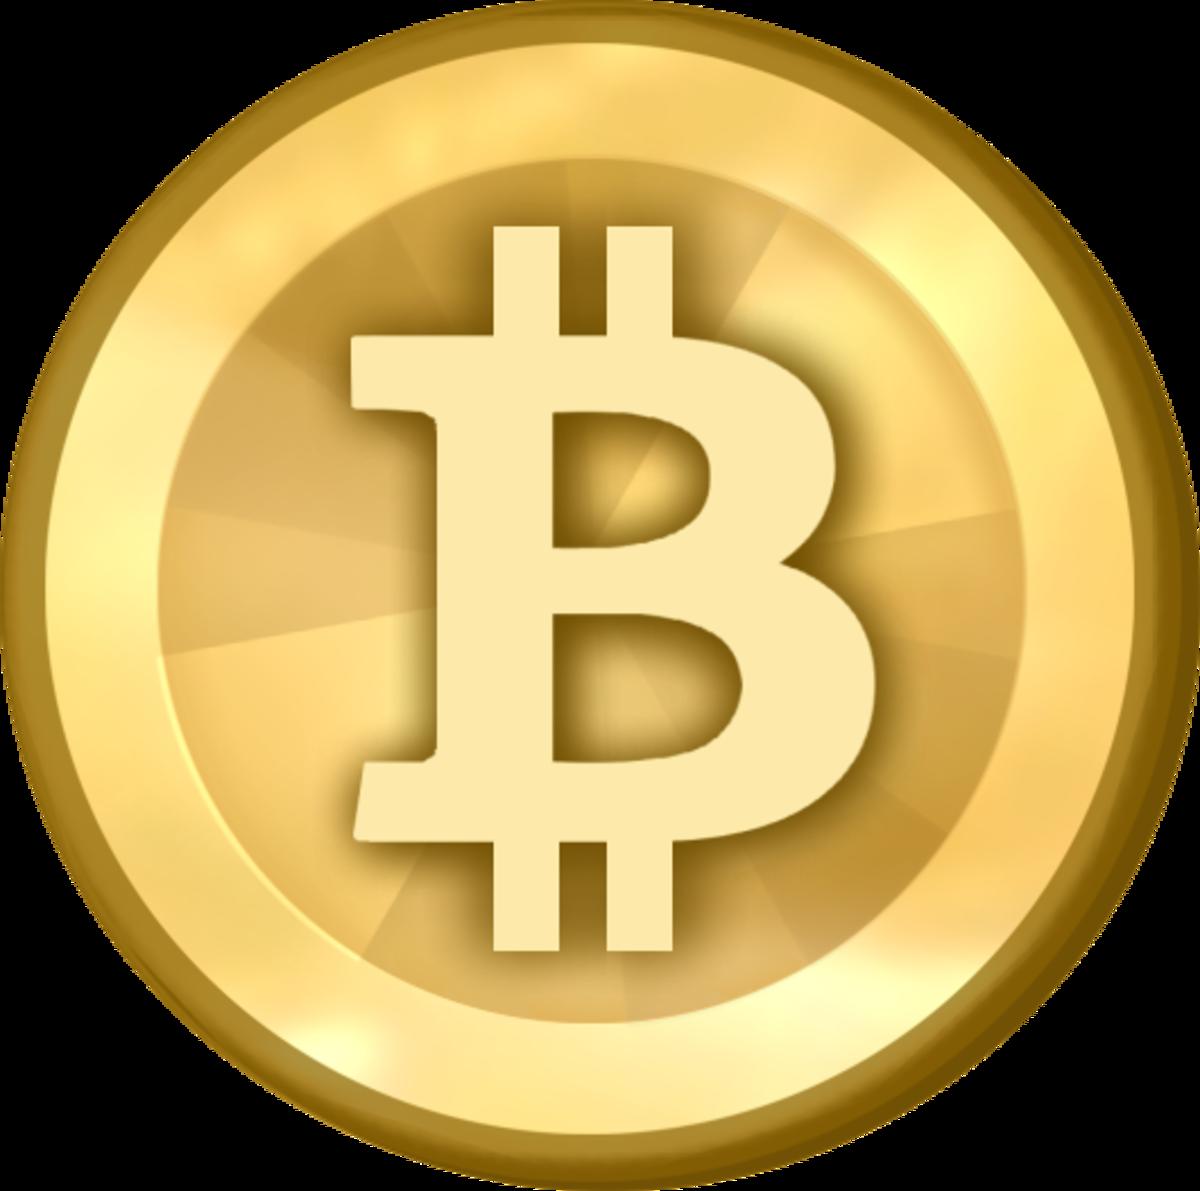 比特币是一种加密货币,最初由中本聪提出。这就是我们未来支付一切的方式吗?